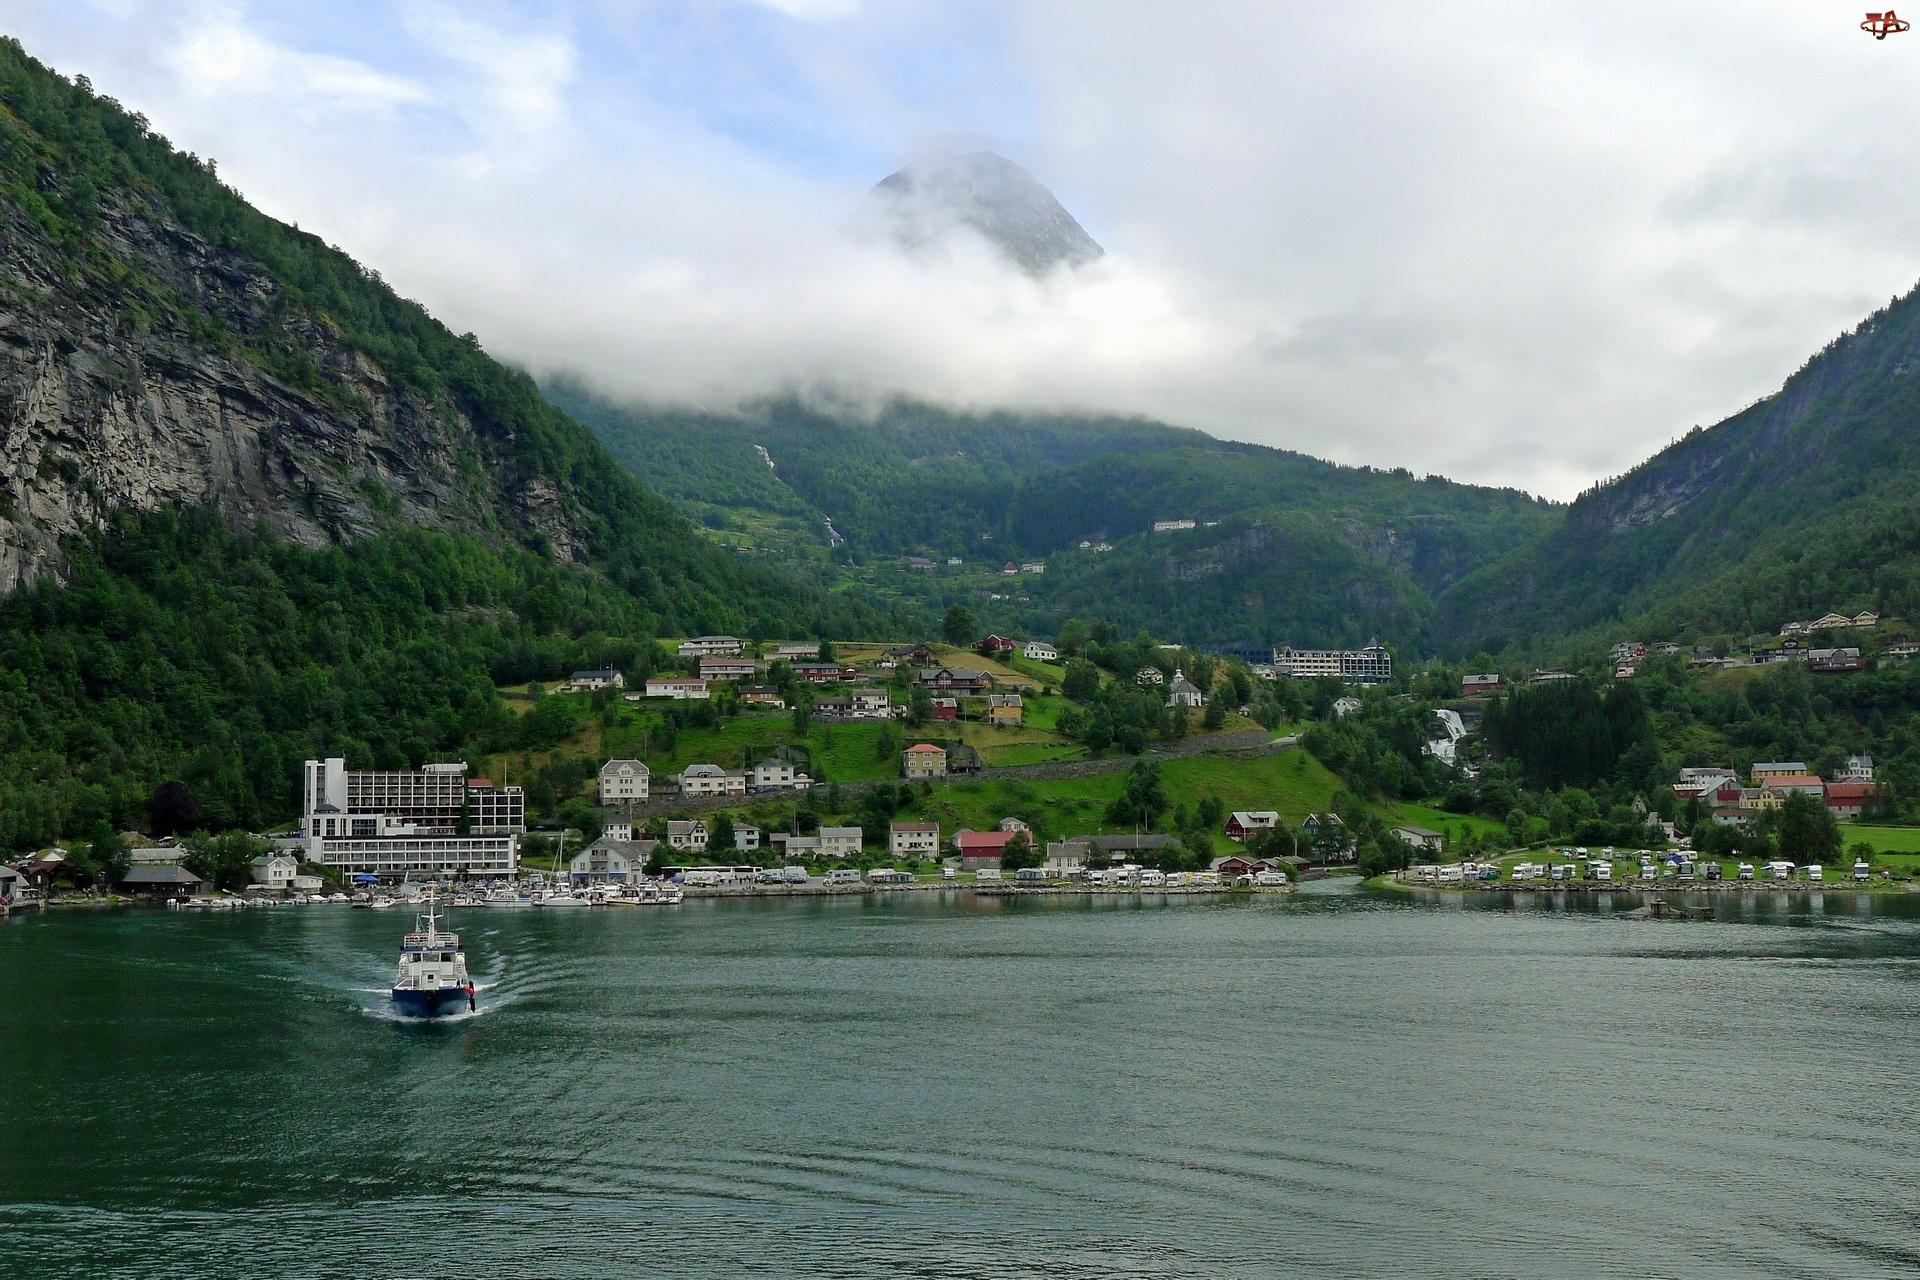 Jezioro, Góry, Norwegia, Lasy, Geiranger, Miasto